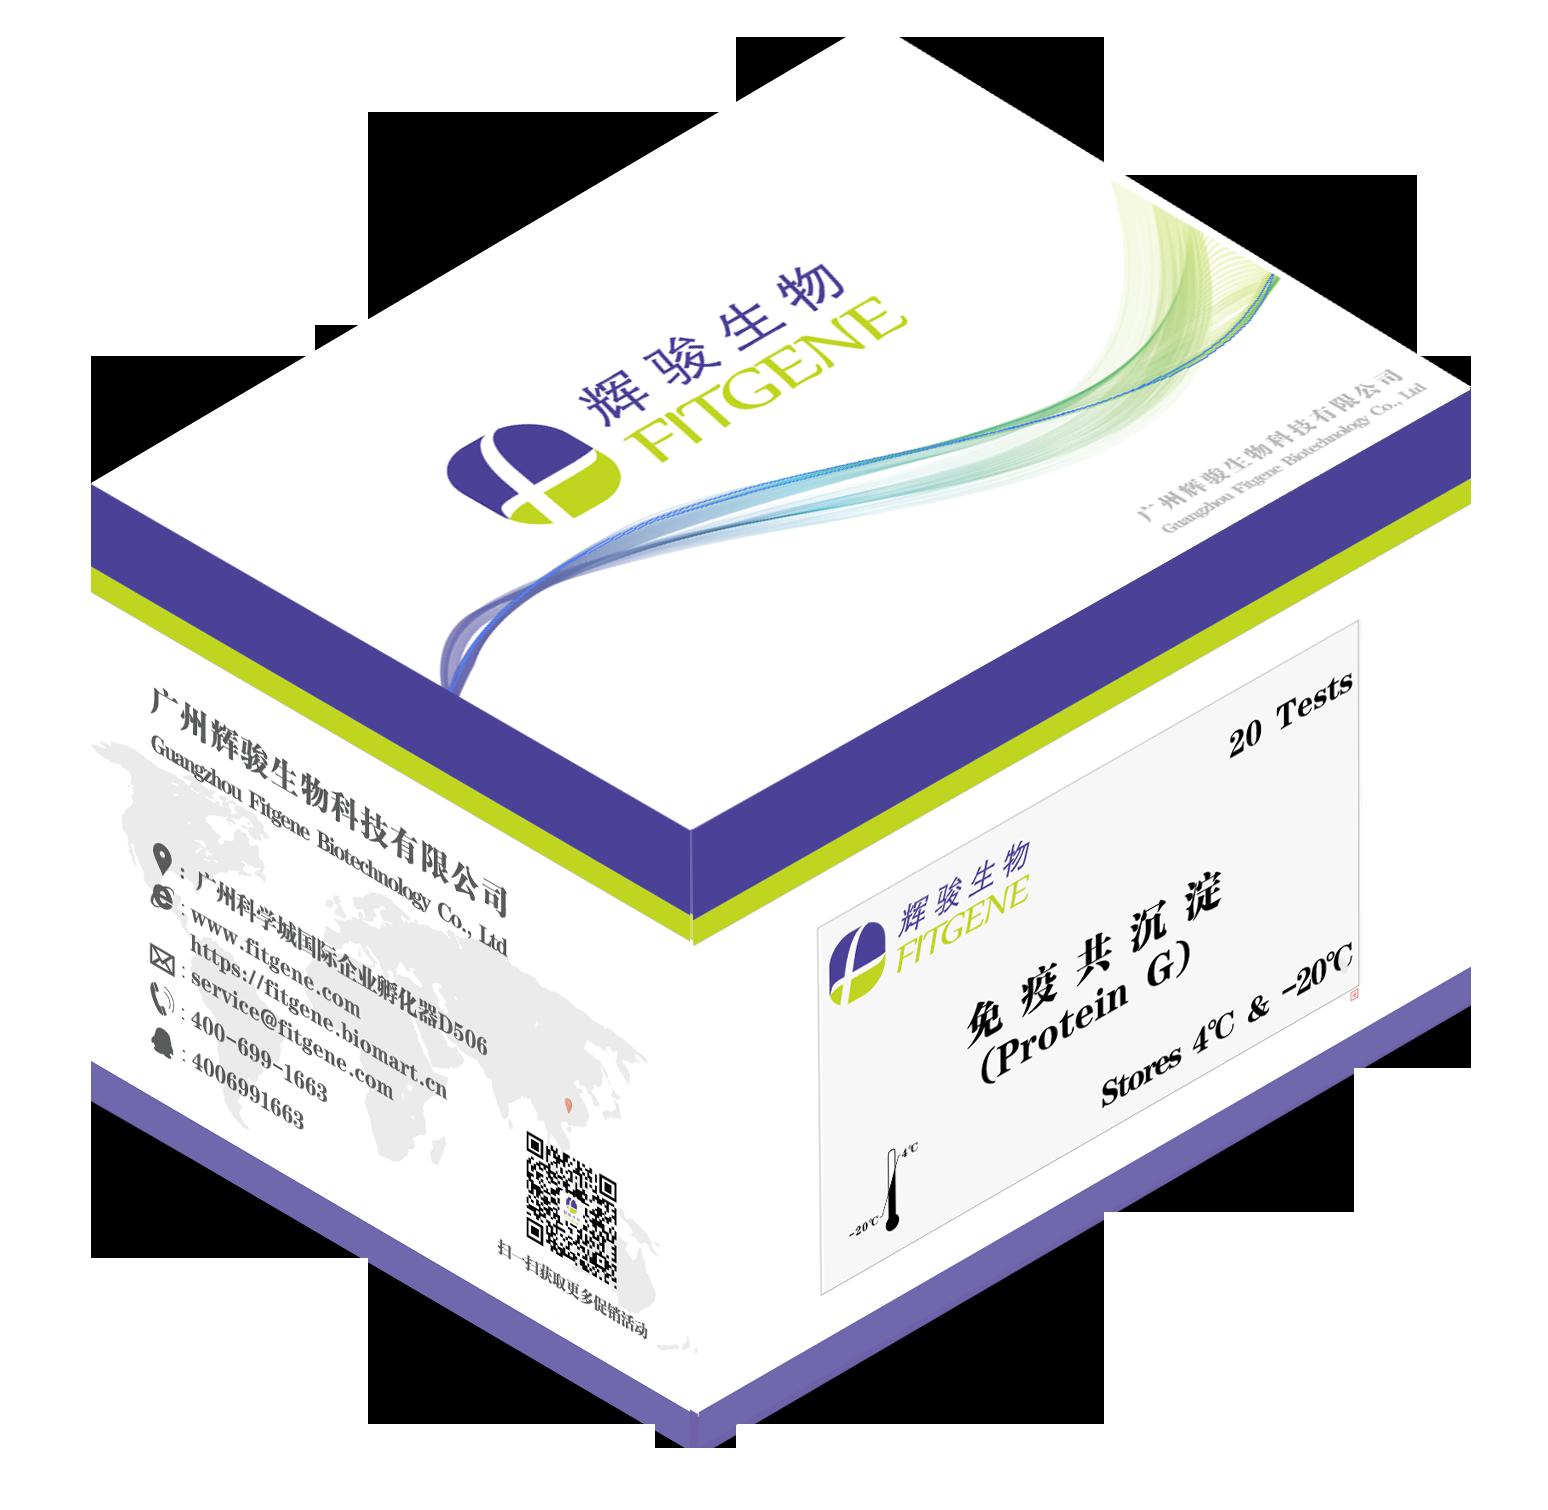 辉骏生物—ProteinG免疫共沉淀试剂盒